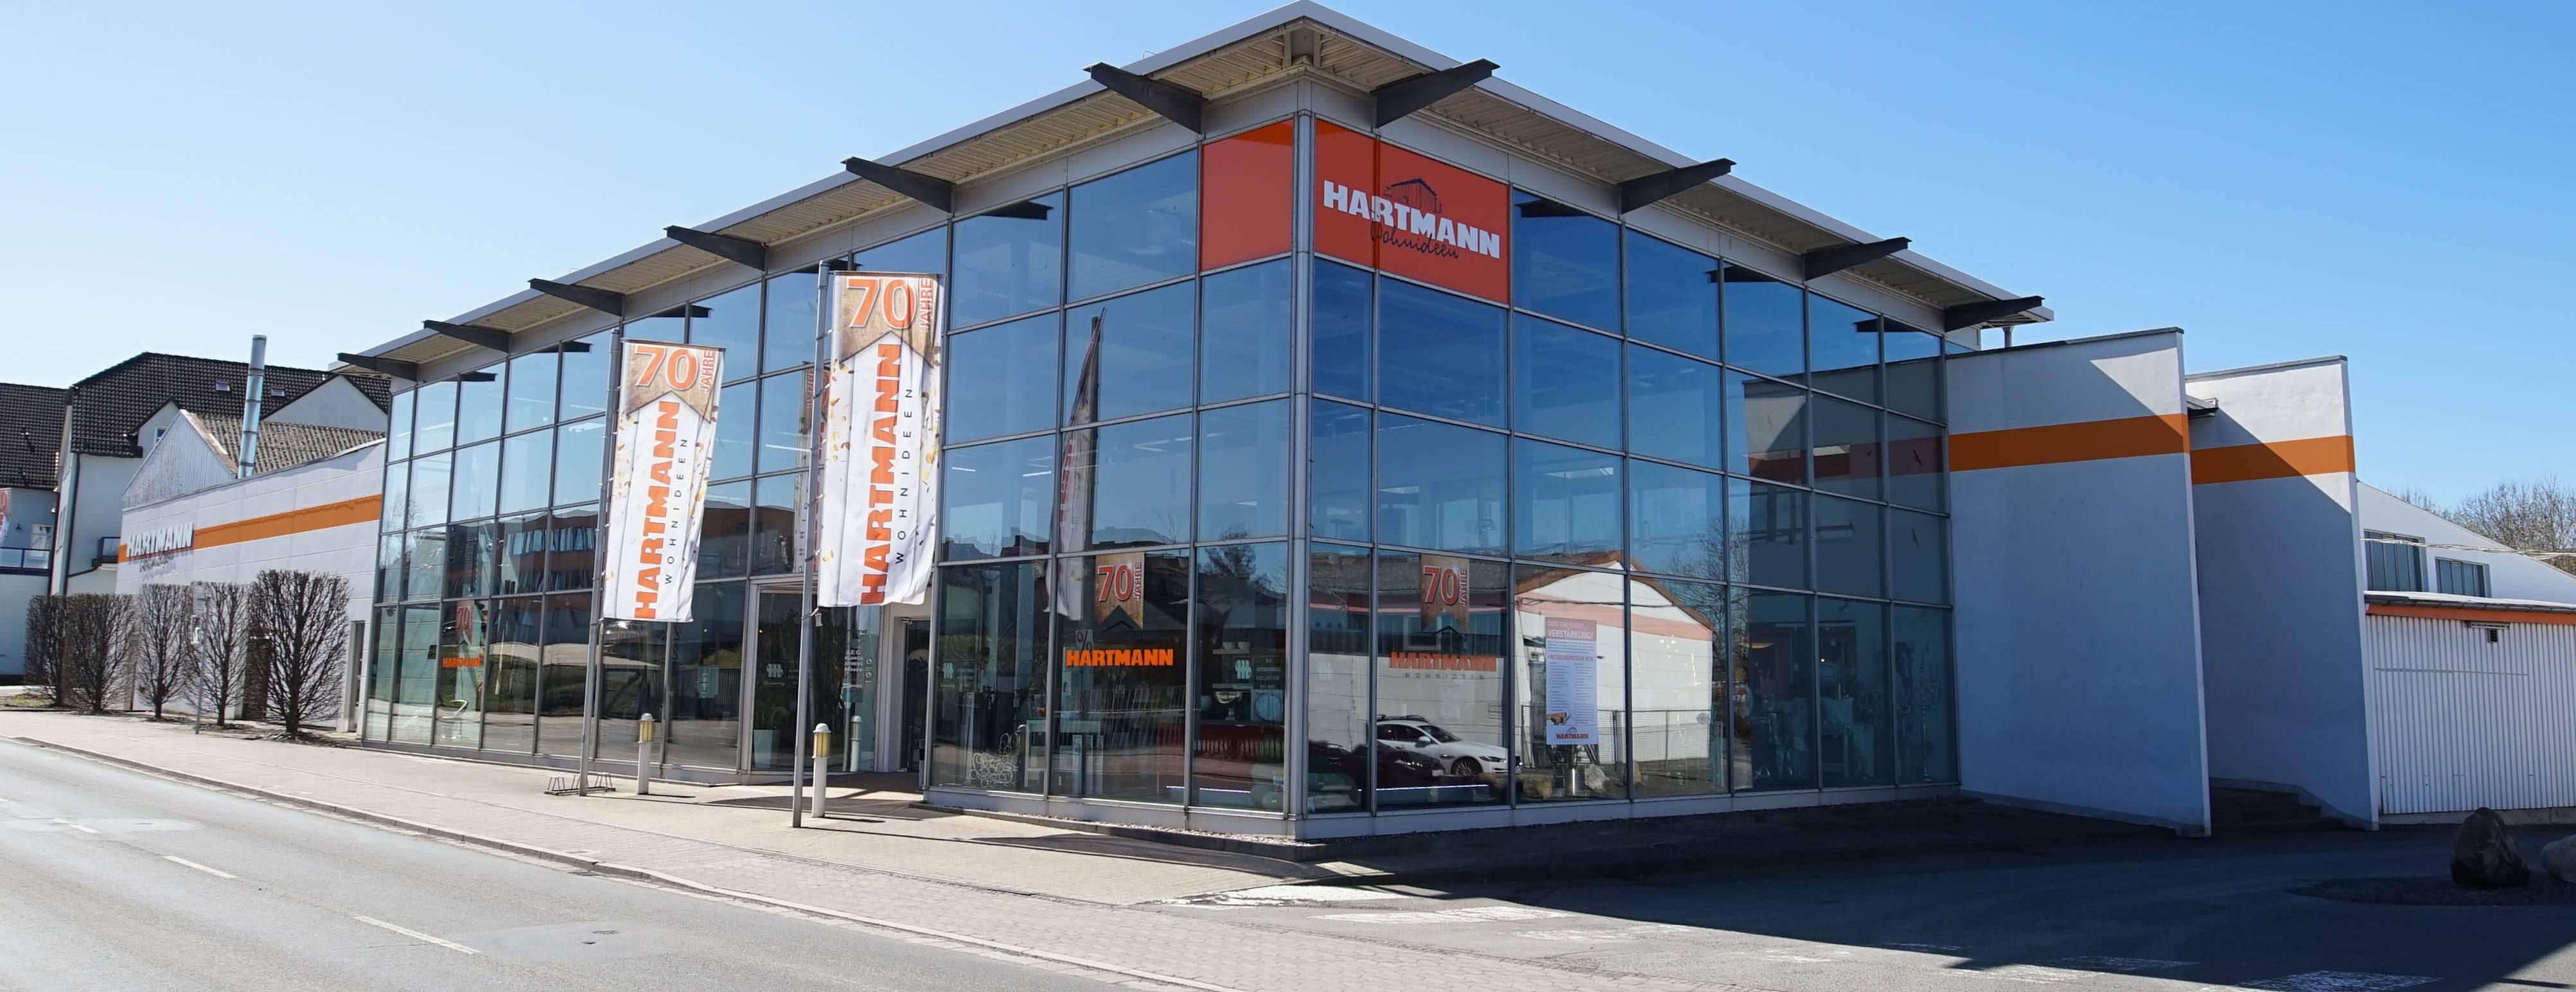 Groß Wohnideen Tine Ideen - Heimat Ideen - teatrooltrebambini.info